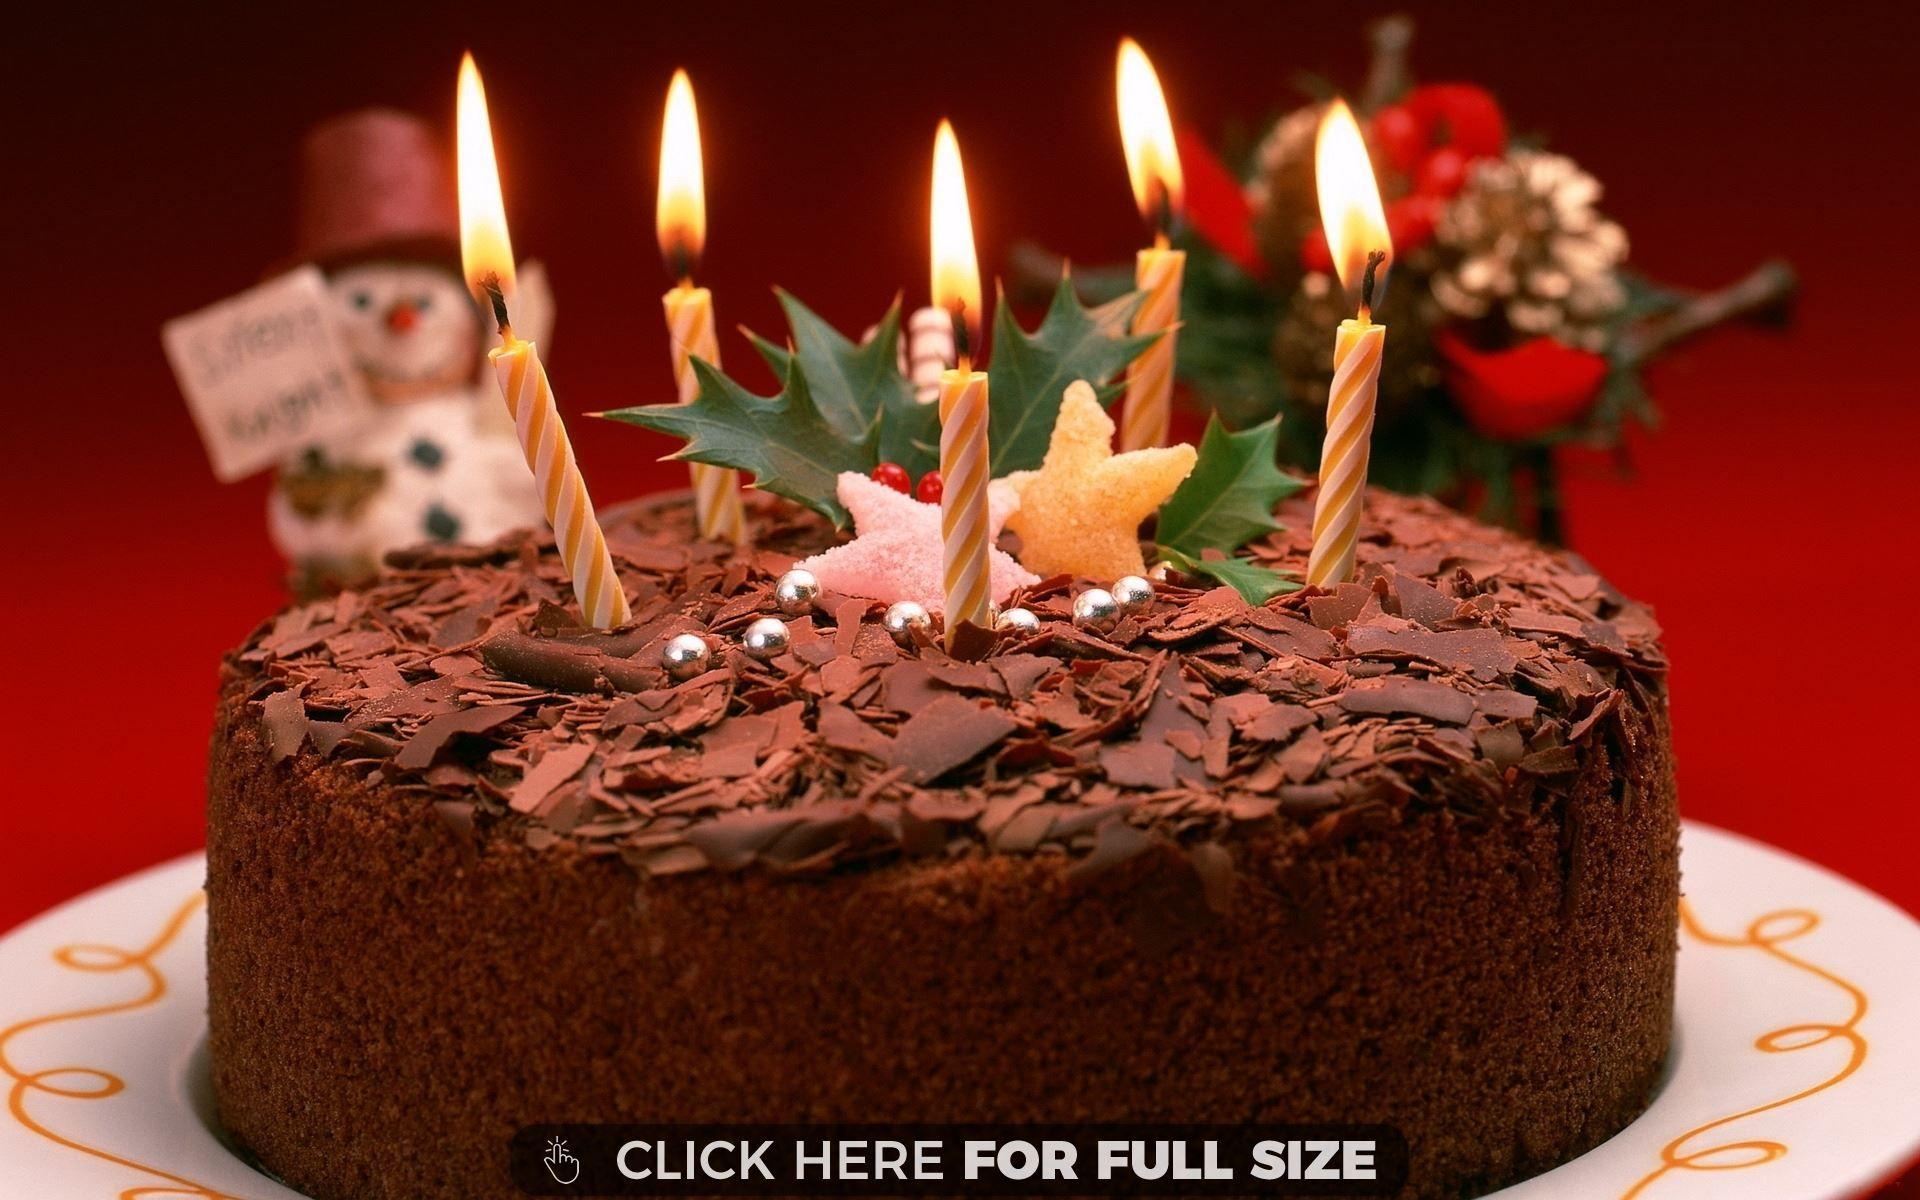 Happy Birthday Images Free Download Wallpaper Desktop Wallpapers